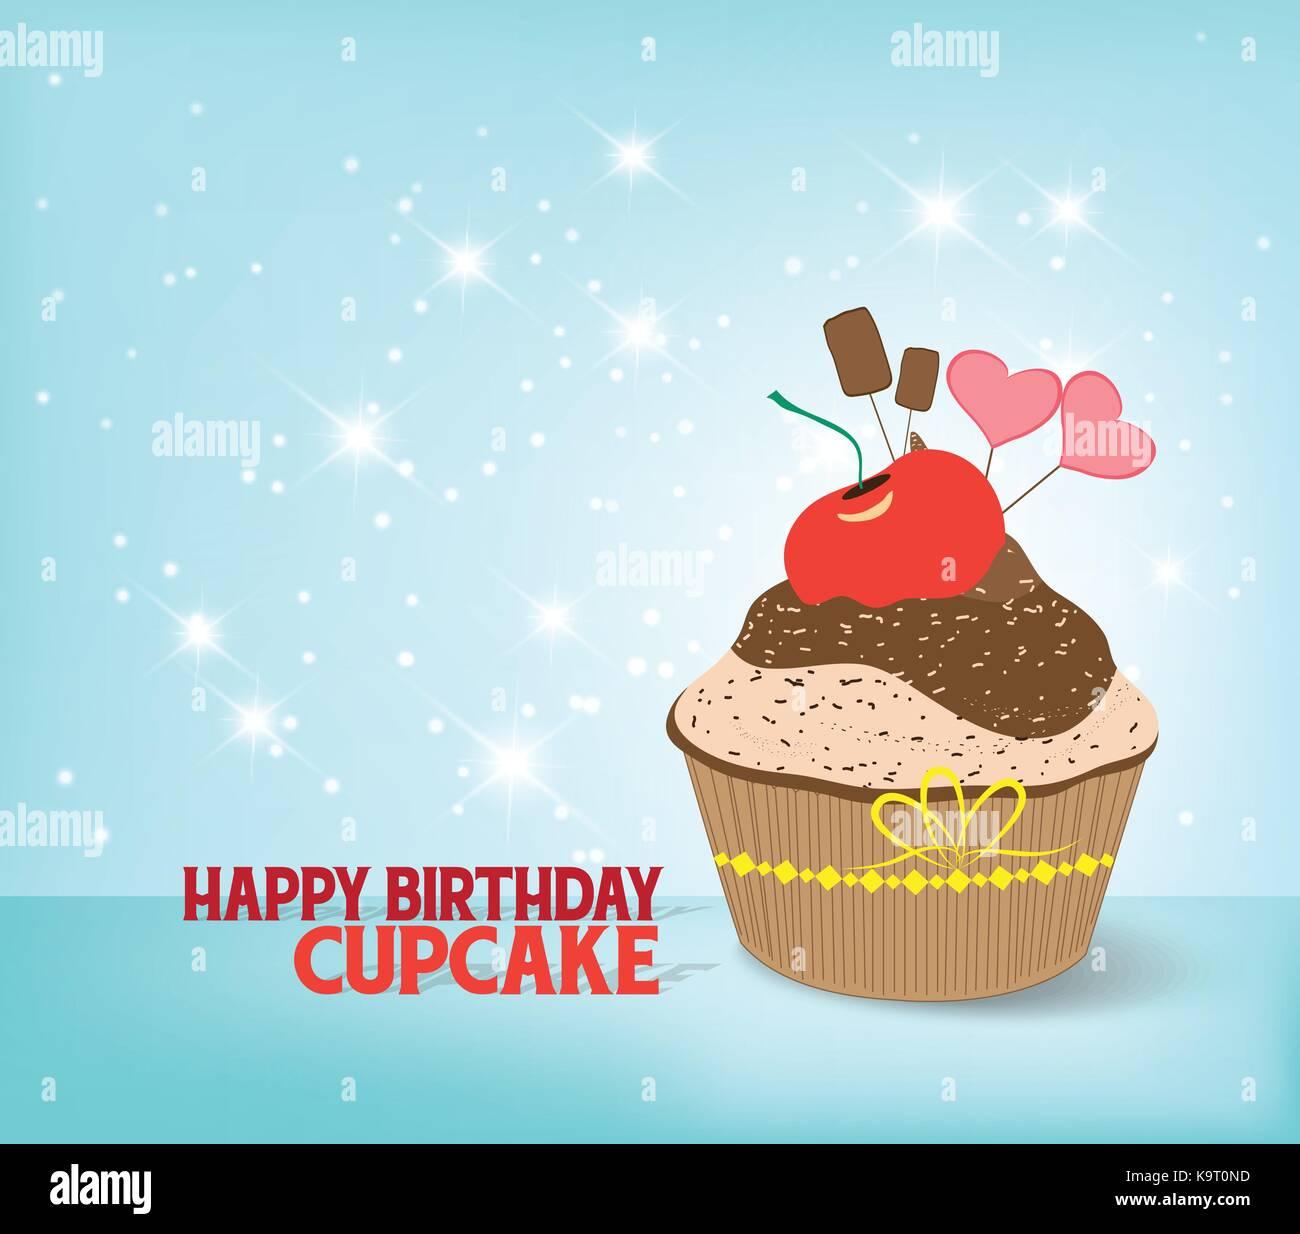 Groß Geburtstag Cupcake Färbung Seite Zeitgenössisch - Druckbare ...